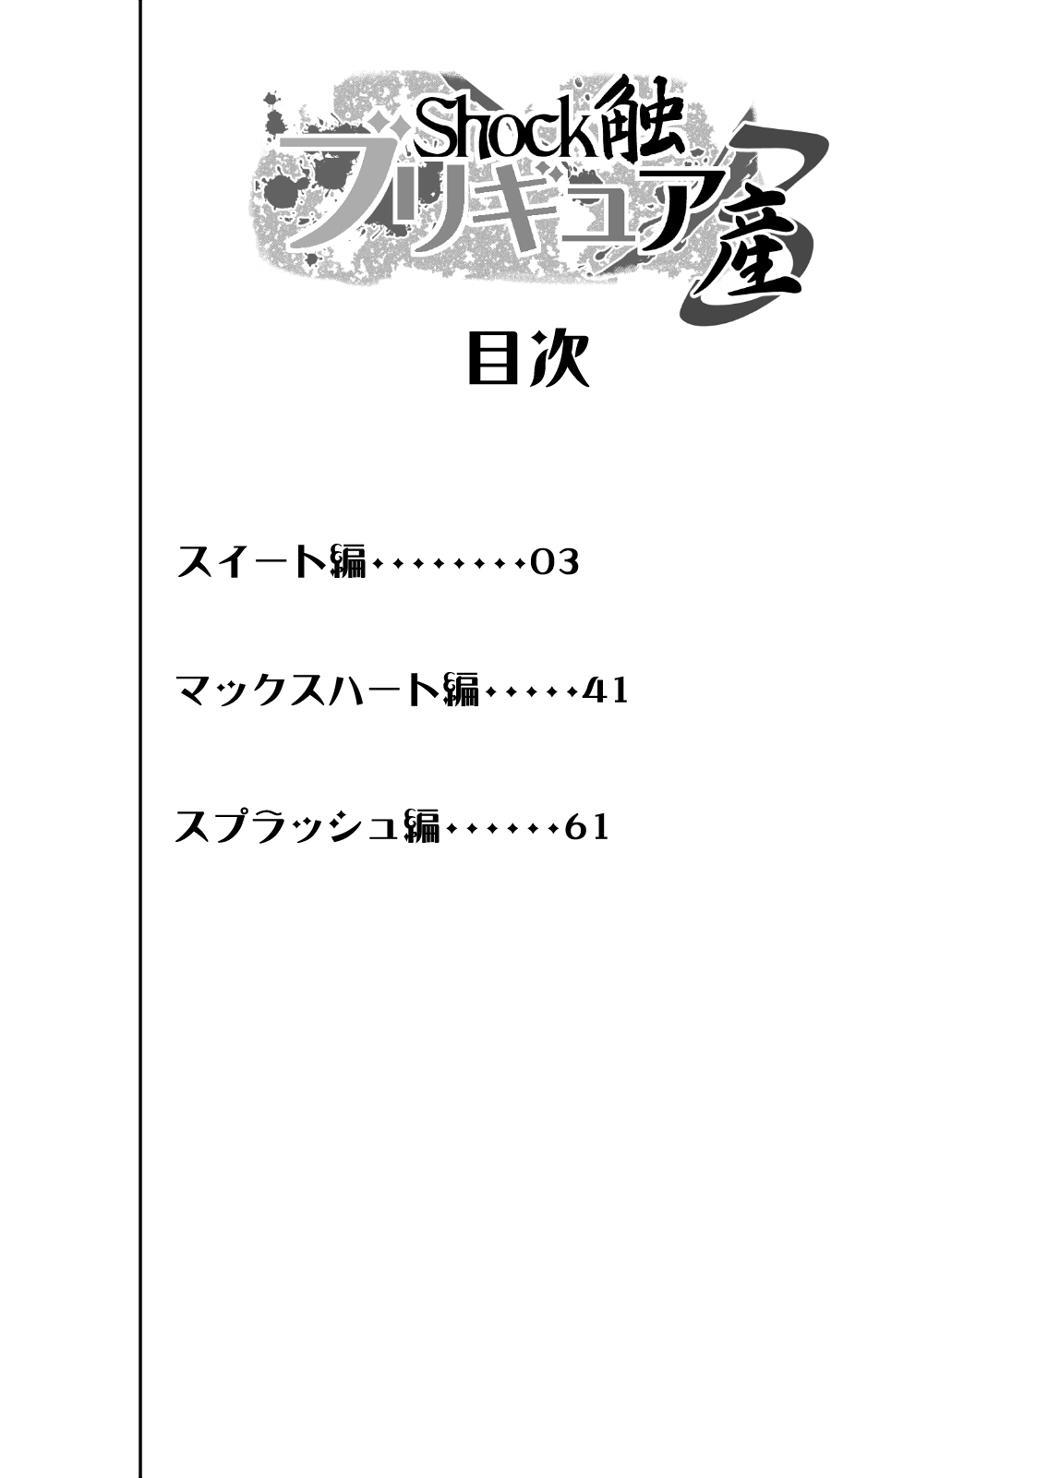 Shock Shoku Burigyua San 2